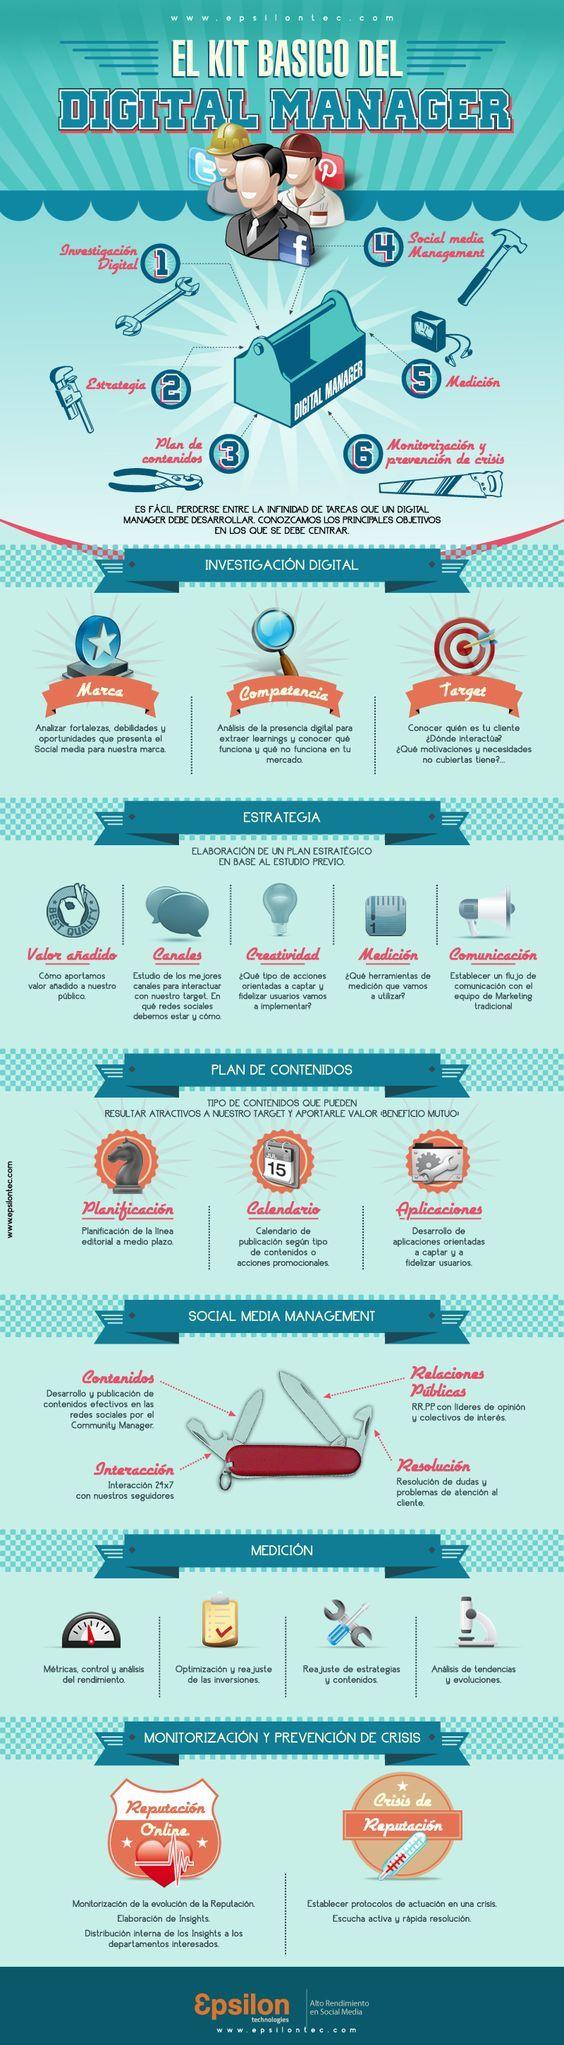 ¿Qué herramientas y recursos necesita el responsable del área digital de una empresa para el desempeño básico de sus funciones?